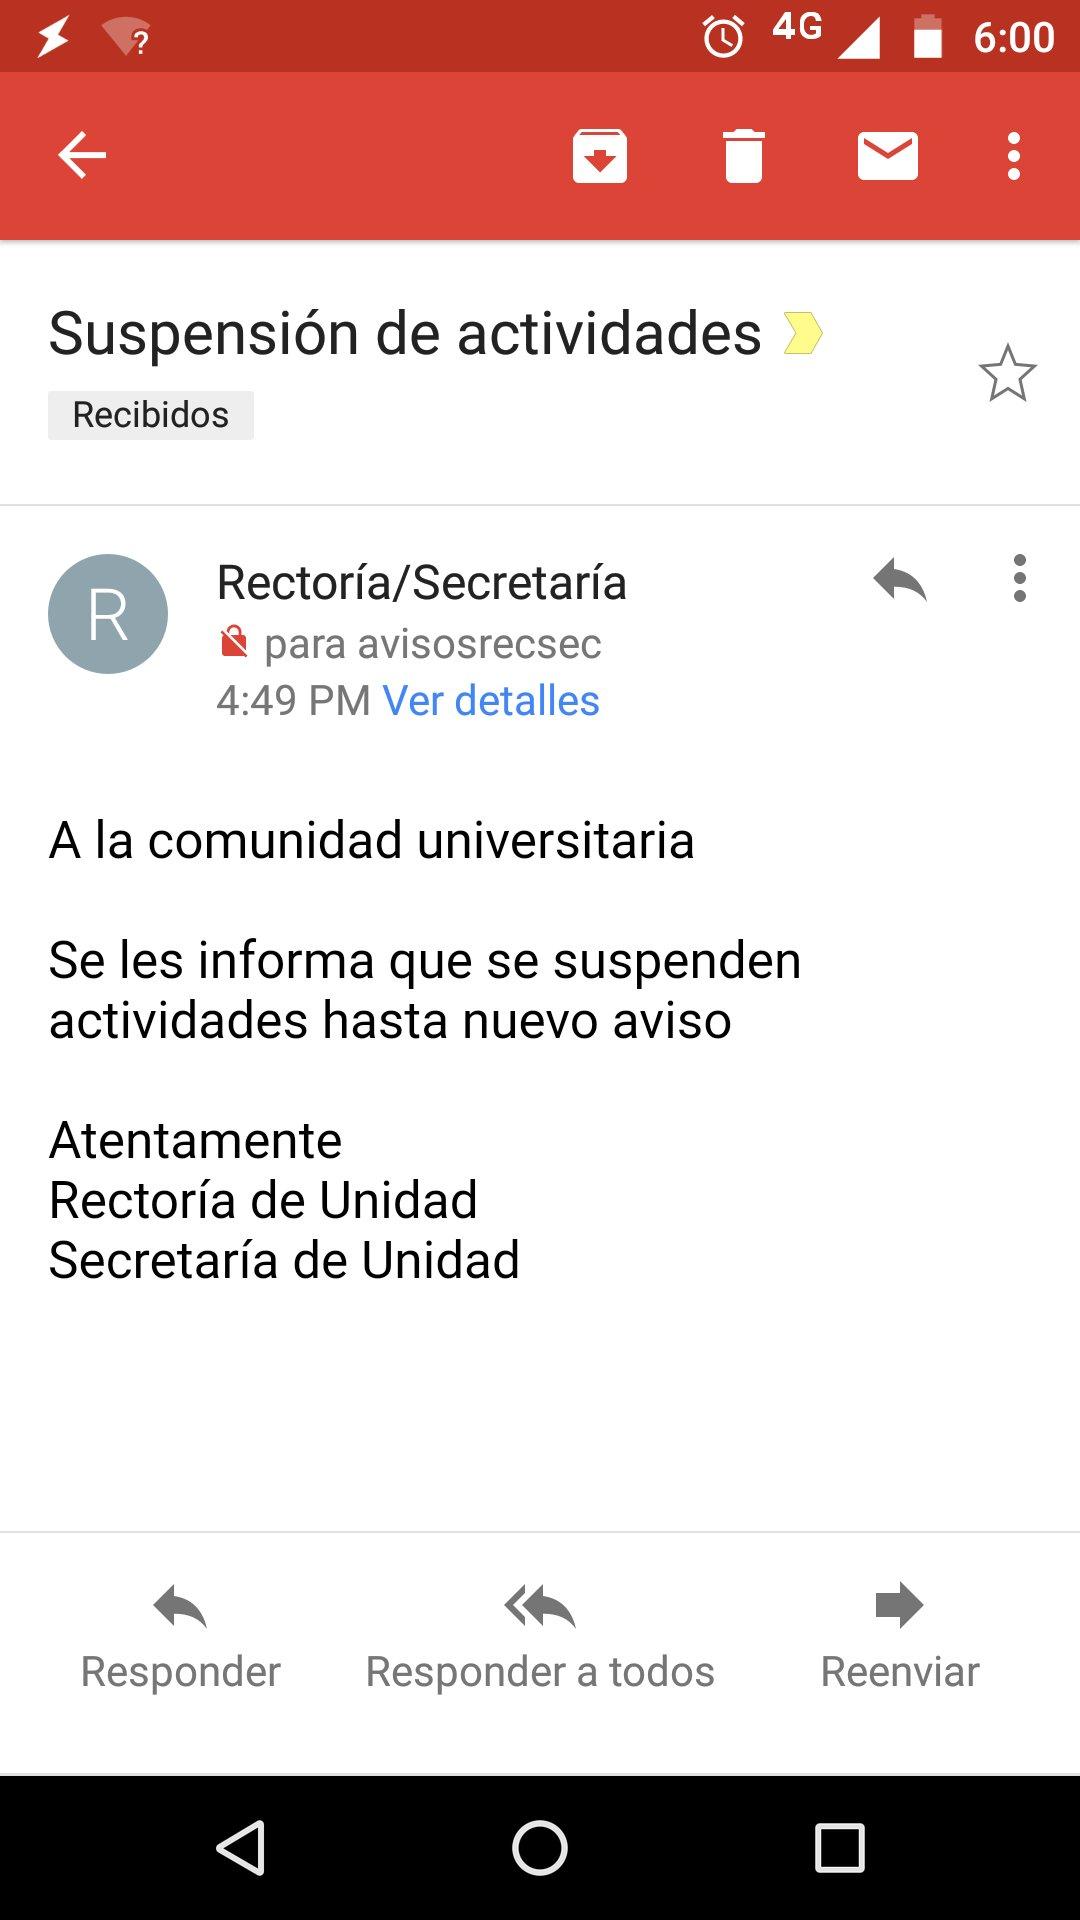 Por cualquier cosa, no hay actividades en la @uamcuajimalpa hasta nuevo aviso https://t.co/0kMBMFM6XC